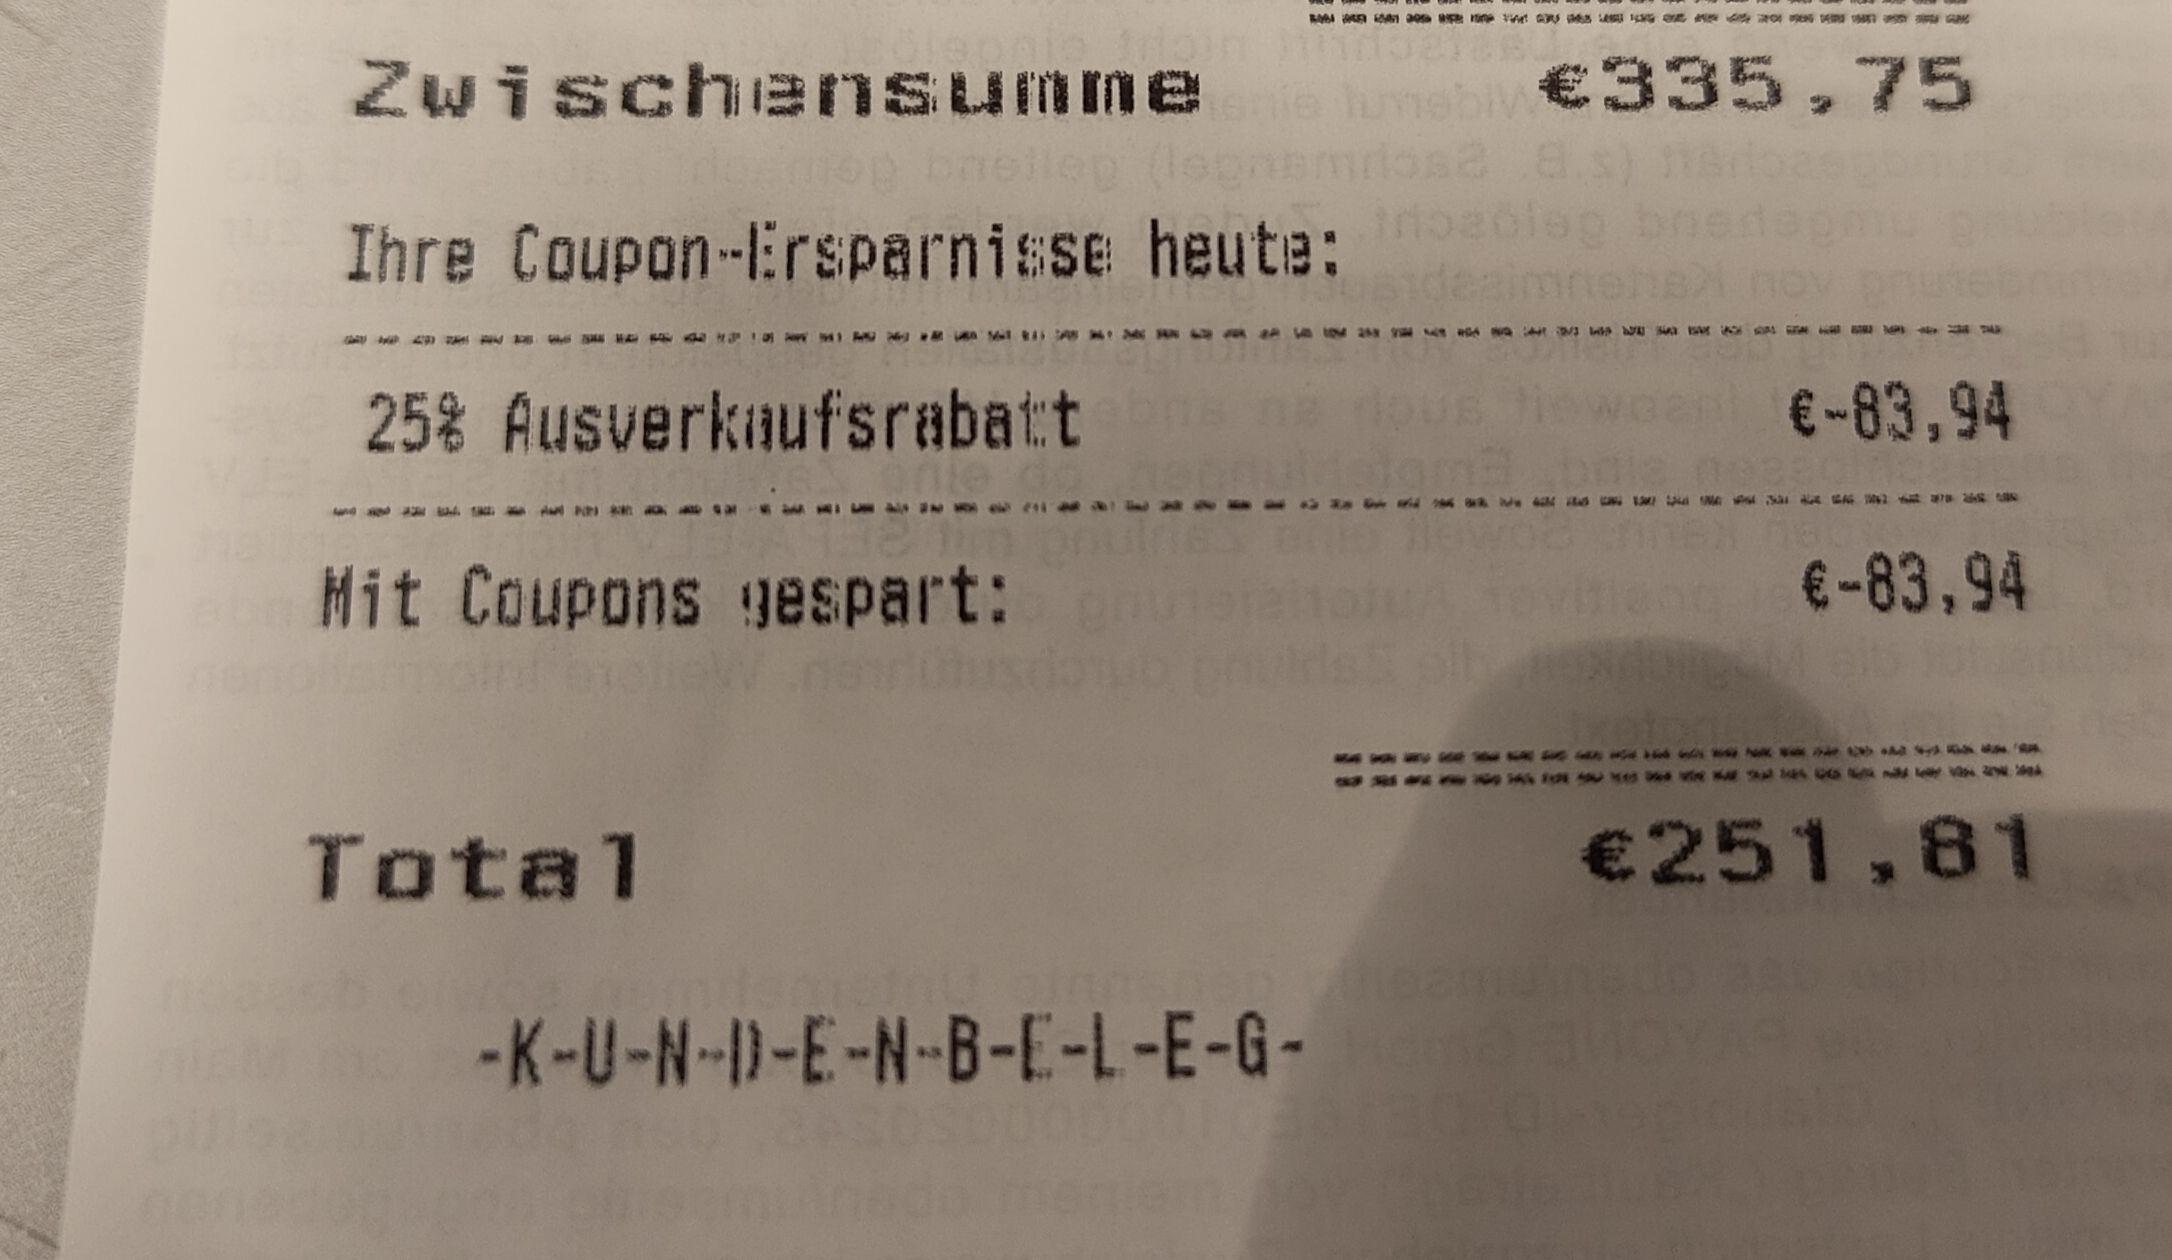 Rossmann Lokal Libori Gallerie Paderborn Ausverkauf 25 Auf Alles Keine Coupons Mydealz De